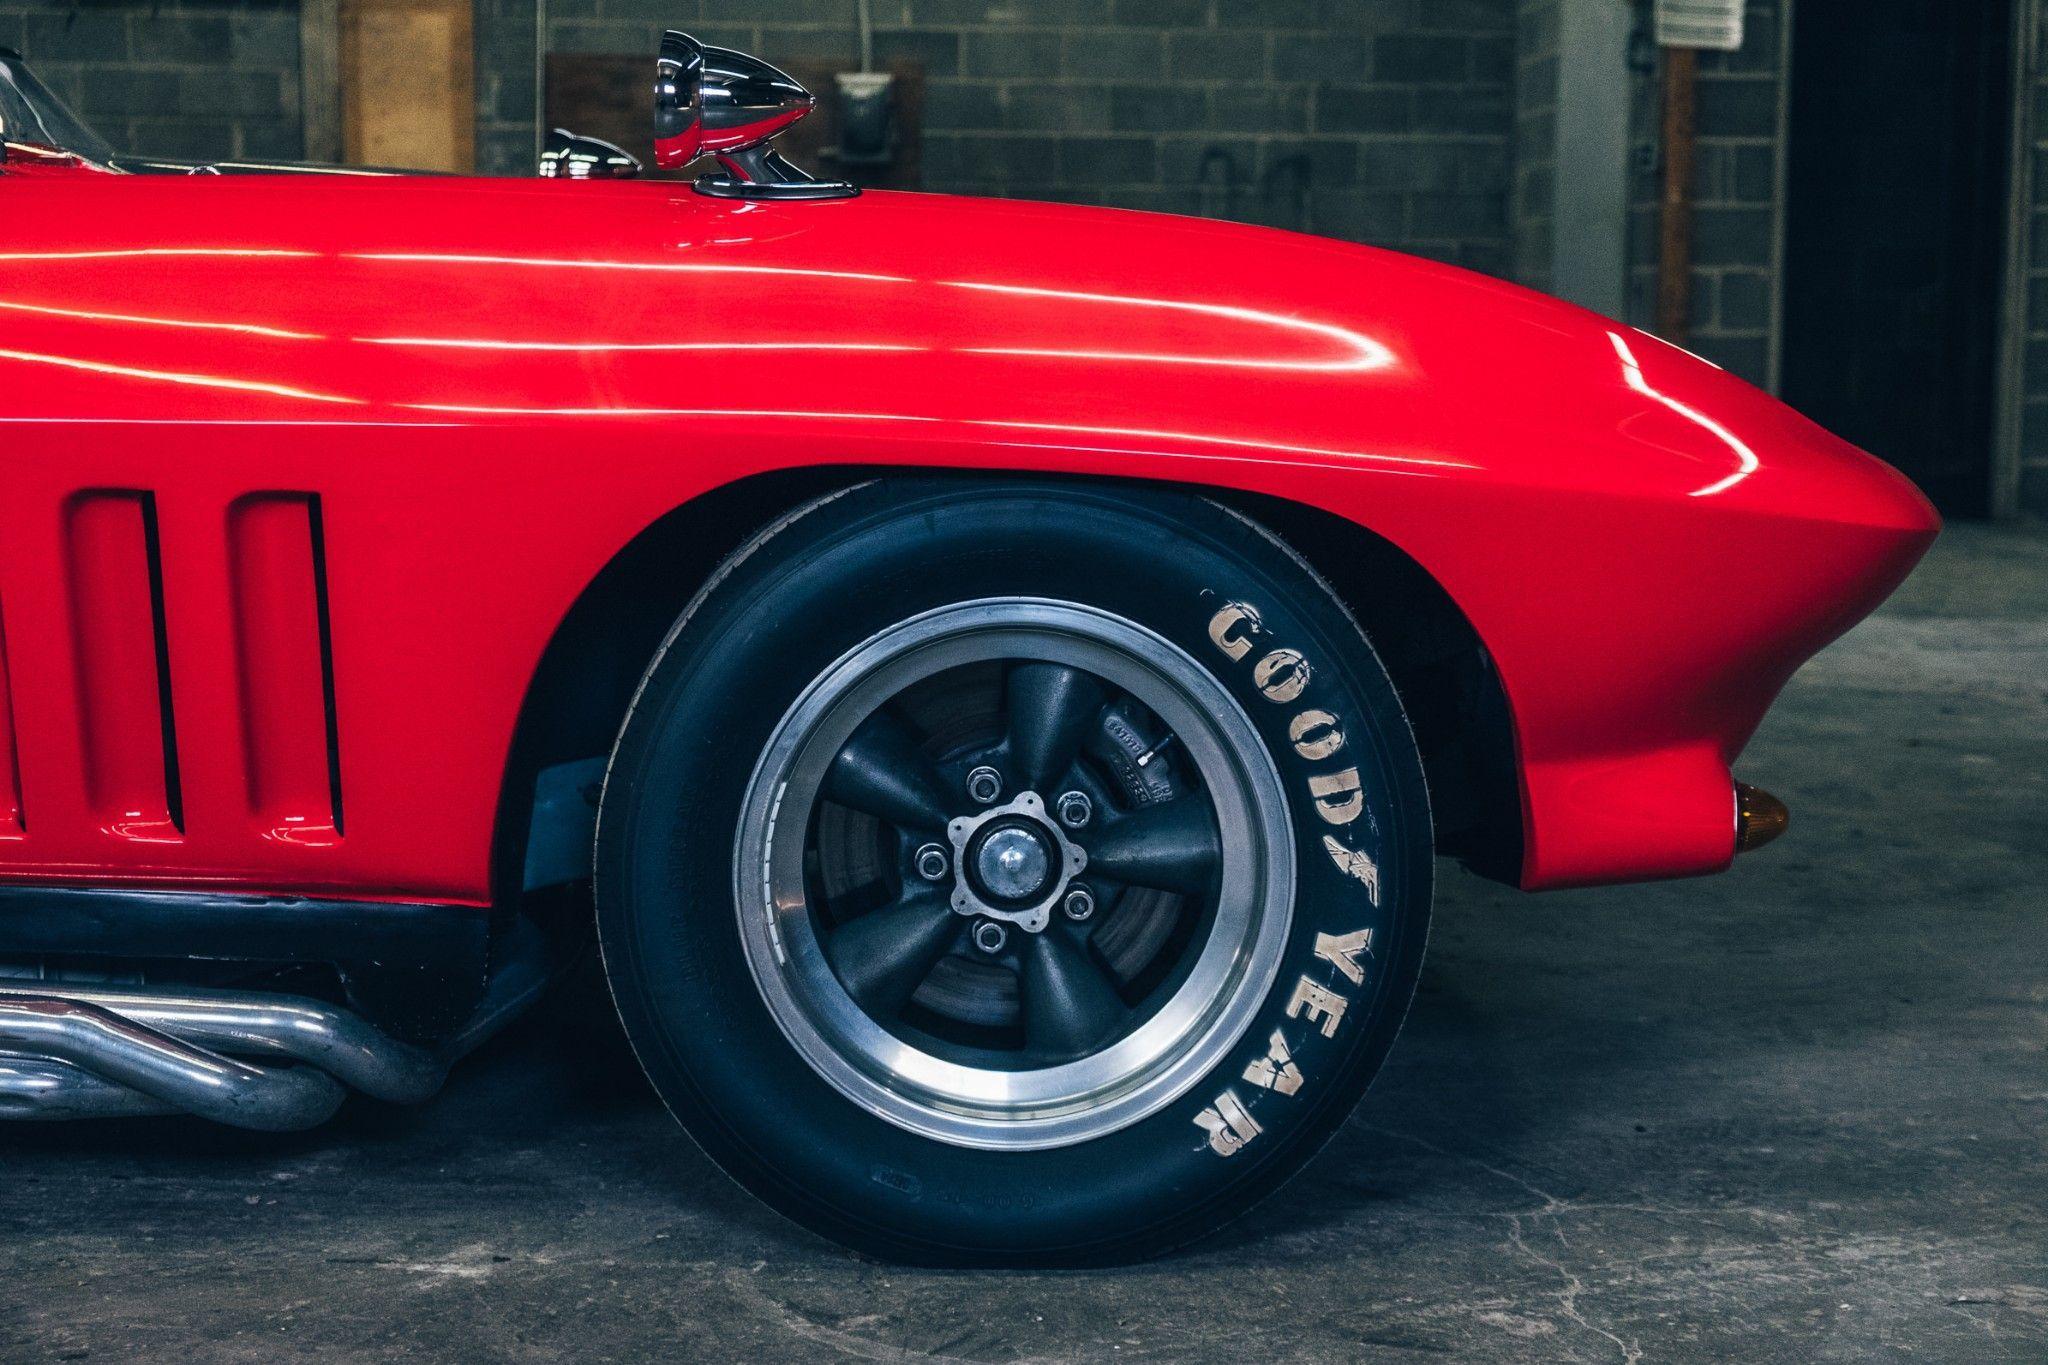 1966 Chevrolet Corvette B Production Race Car for sale on BaT ...